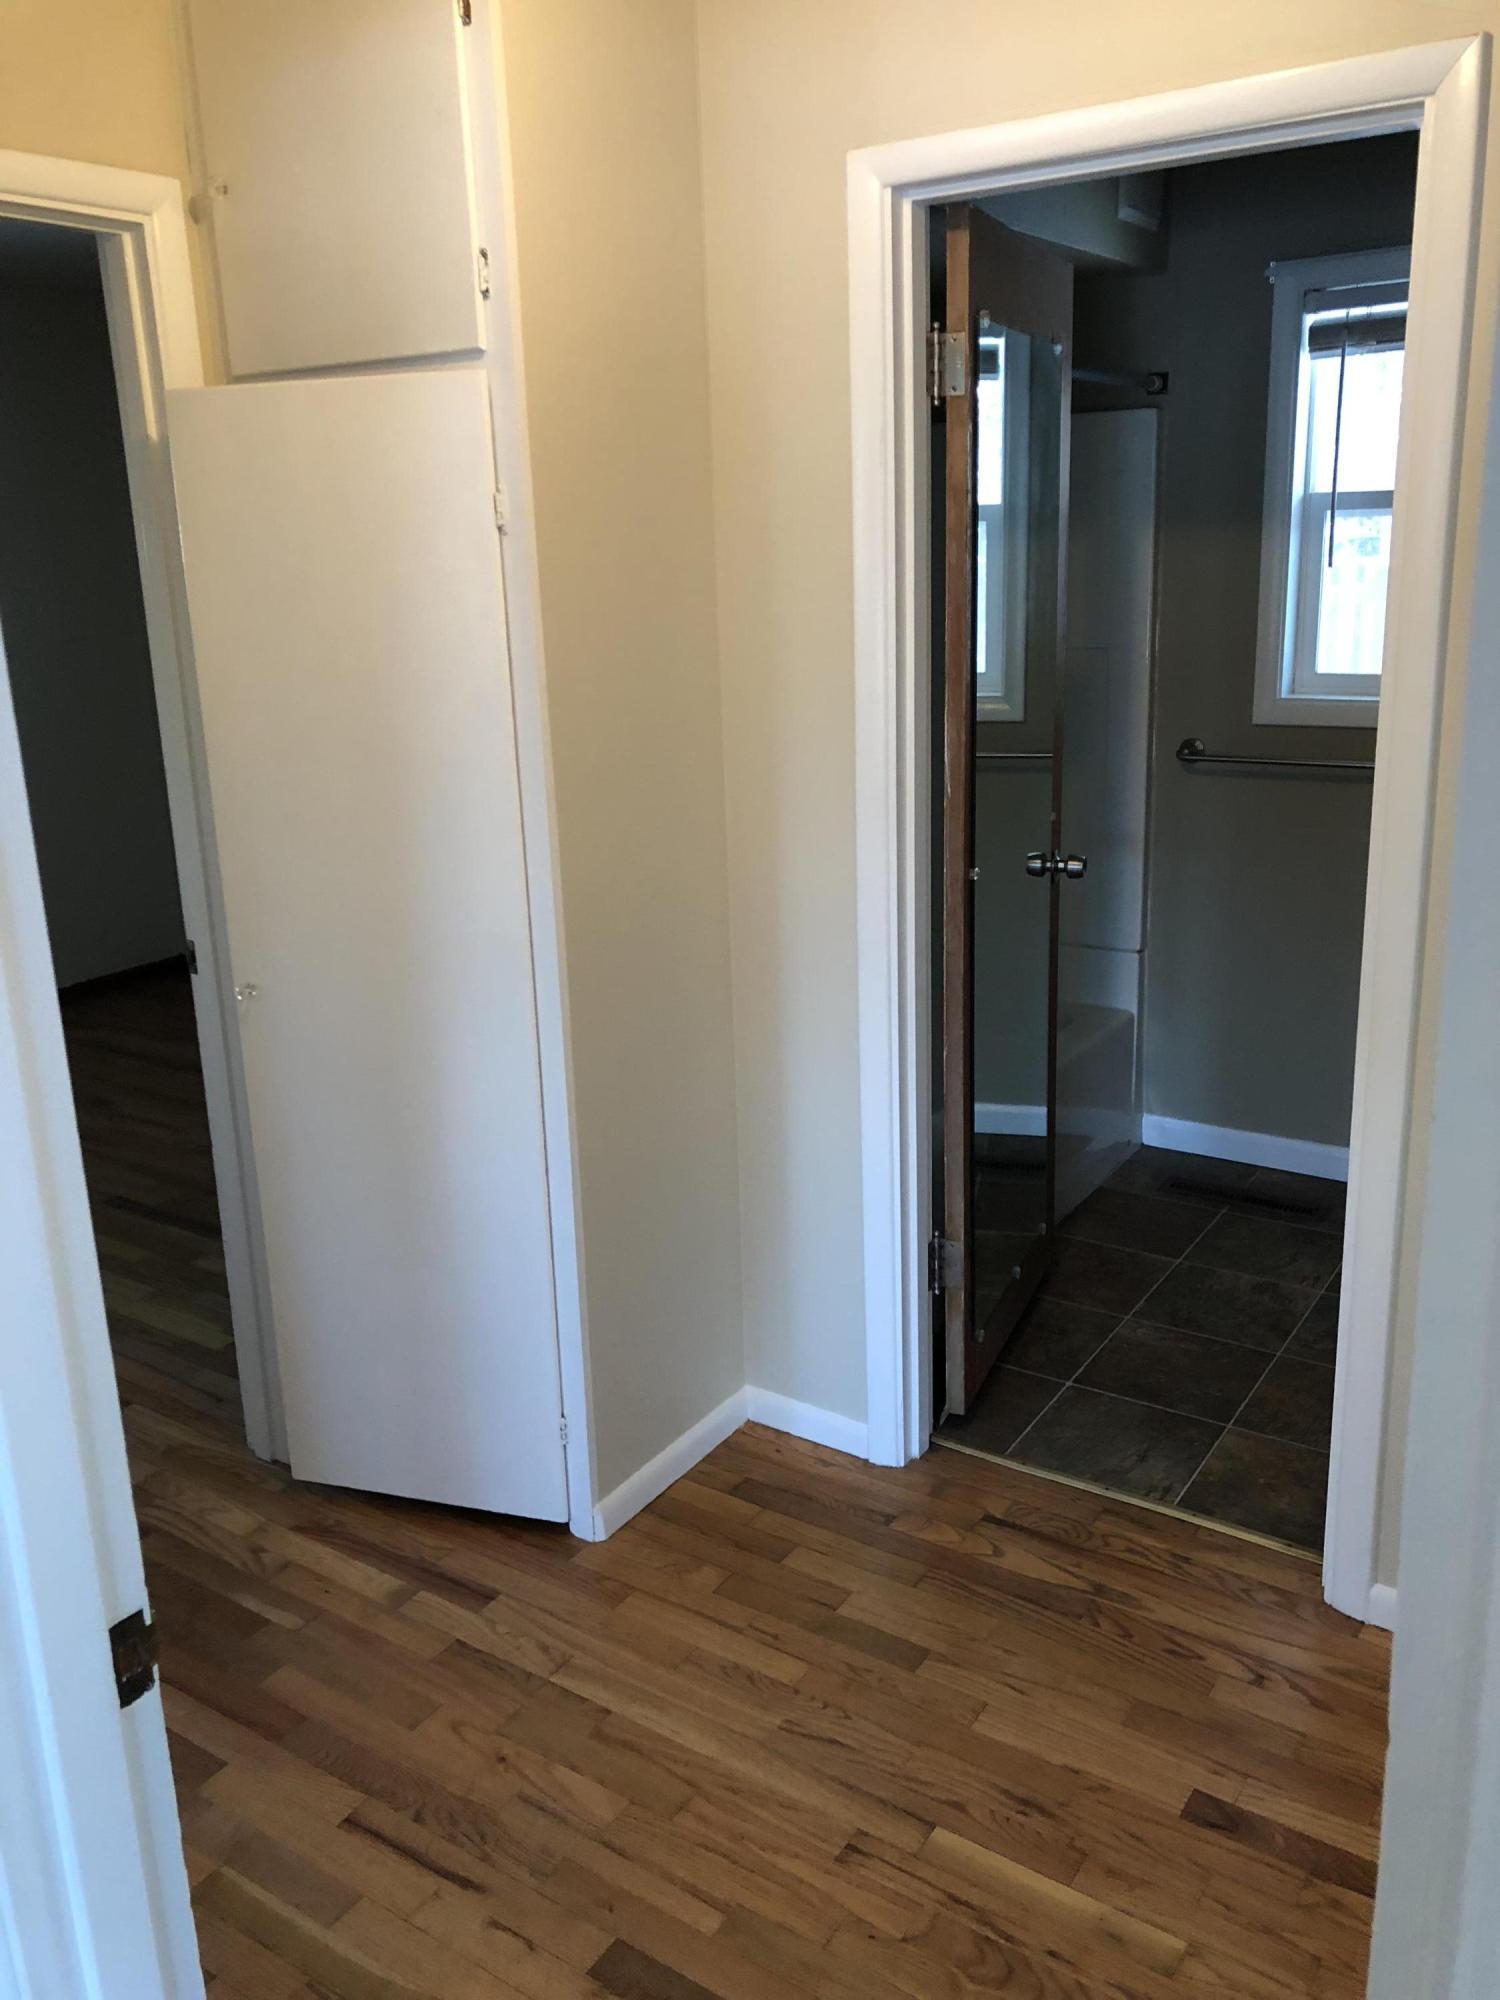 'hallway' between bedrooms and bath